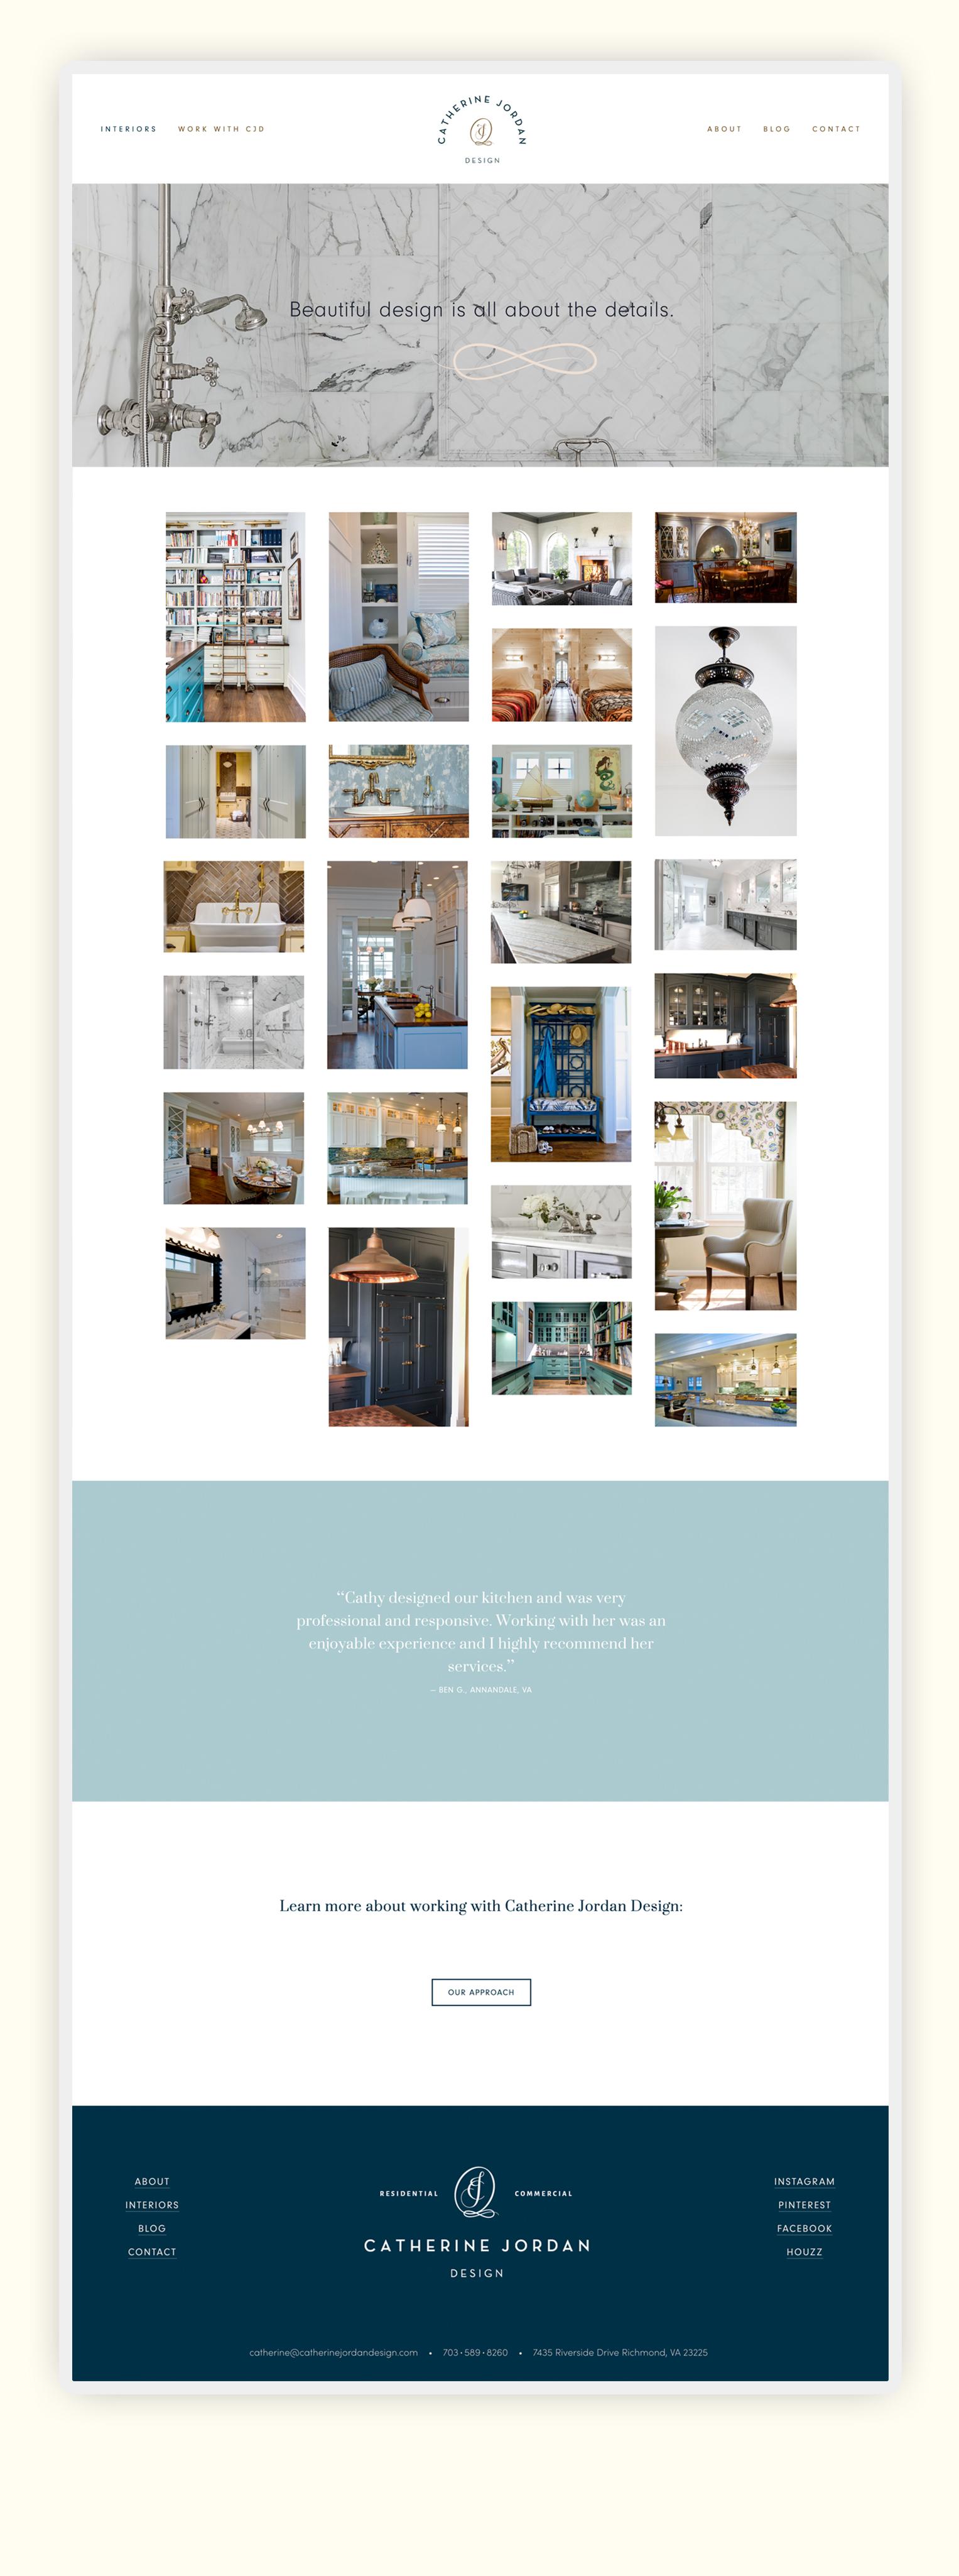 CJD_website-mockup-fullpage-interiors.jpg